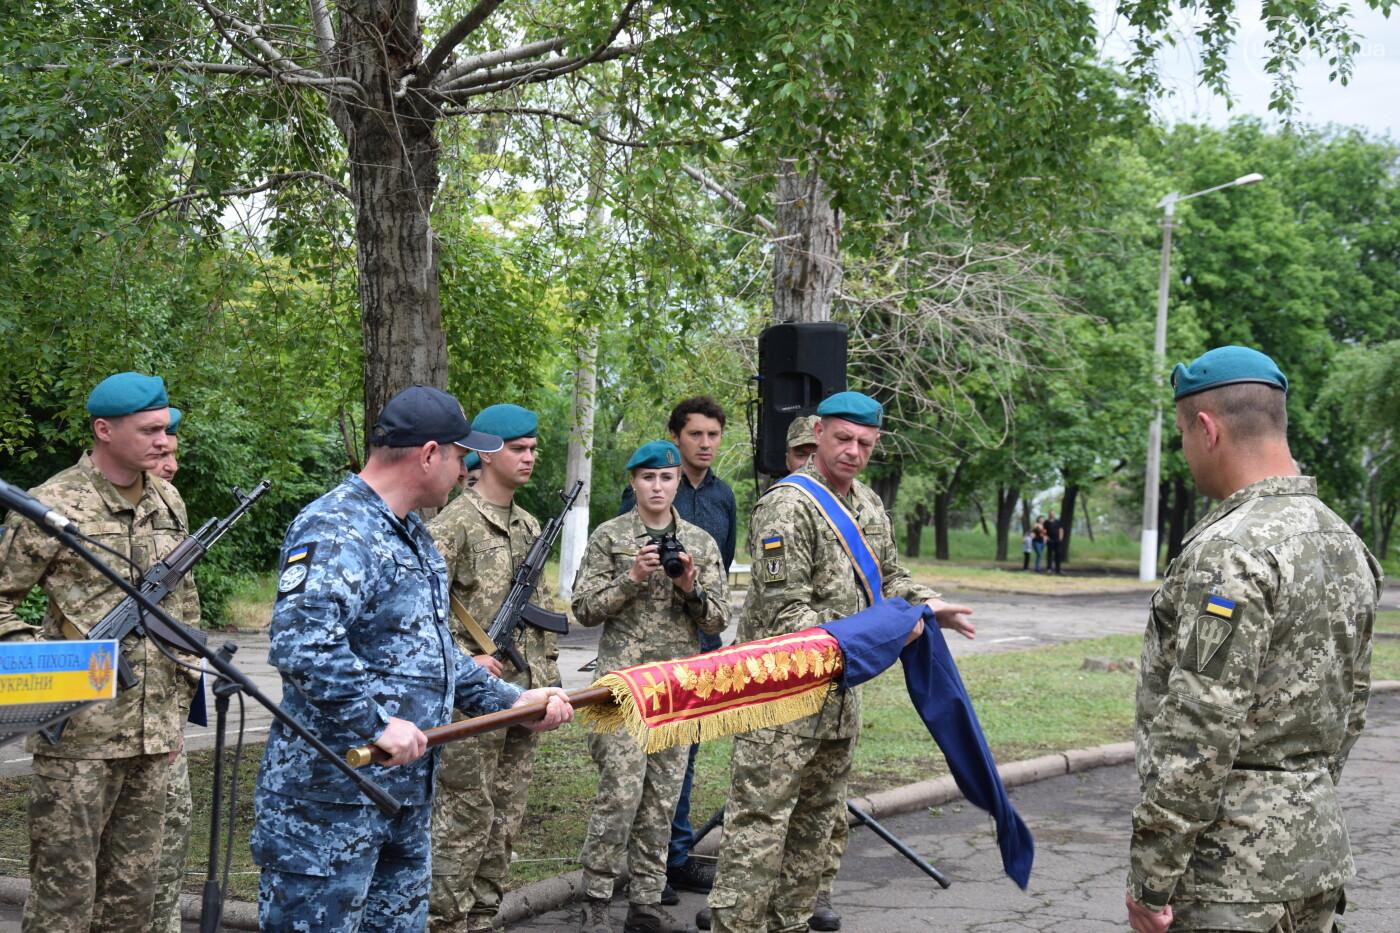 В Мариуполе морпехи присягнули на верность Украине и получили боевое знамя, - ФОТОРЕПОРТАЖ, фото-7